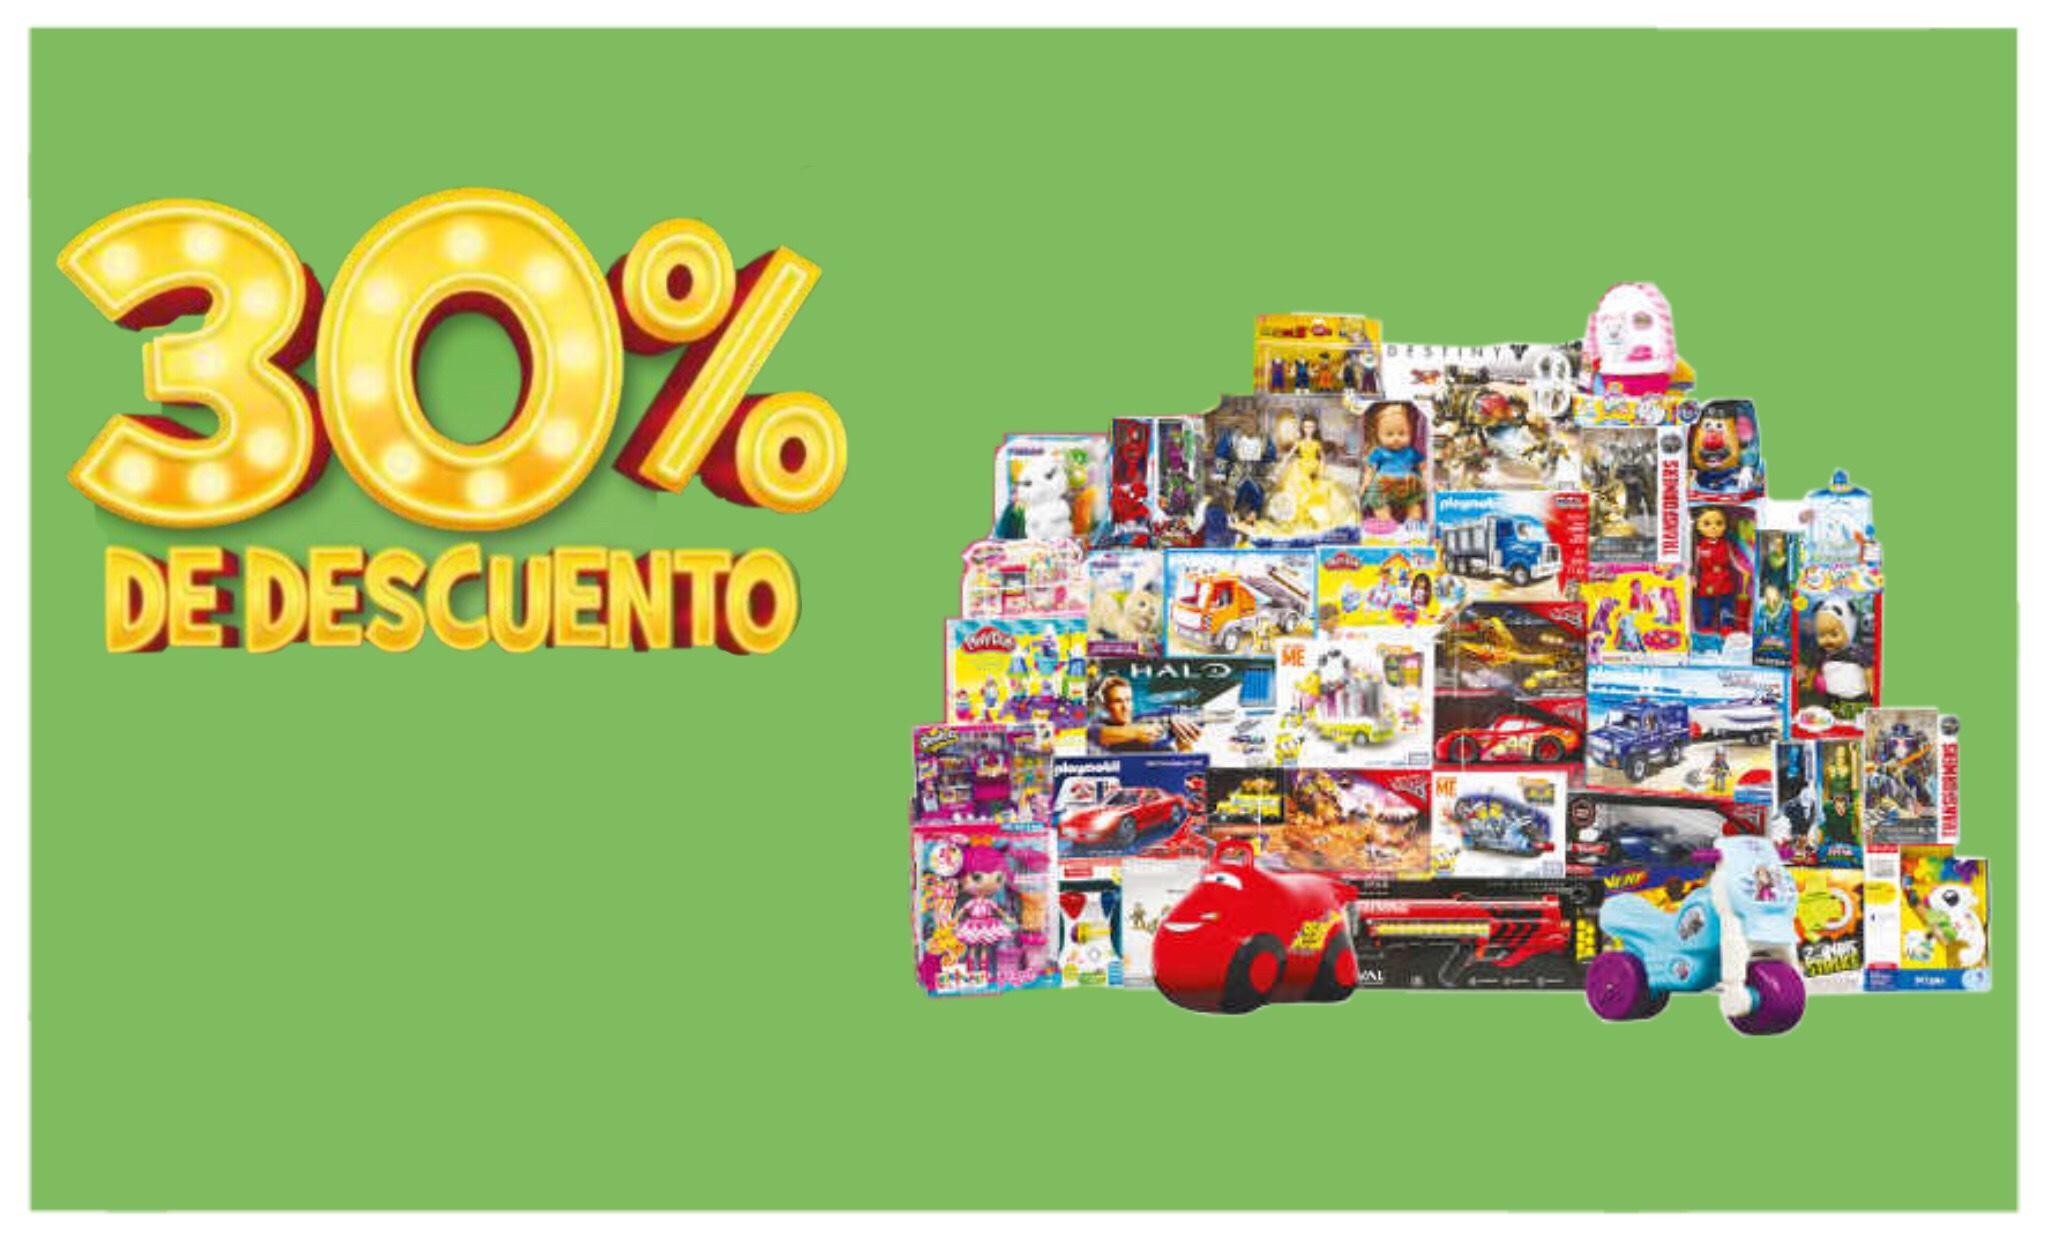 Julio Regalado 2019 en Soriana: 30% de Descuento en Juguetería, Montables y Bicicletas